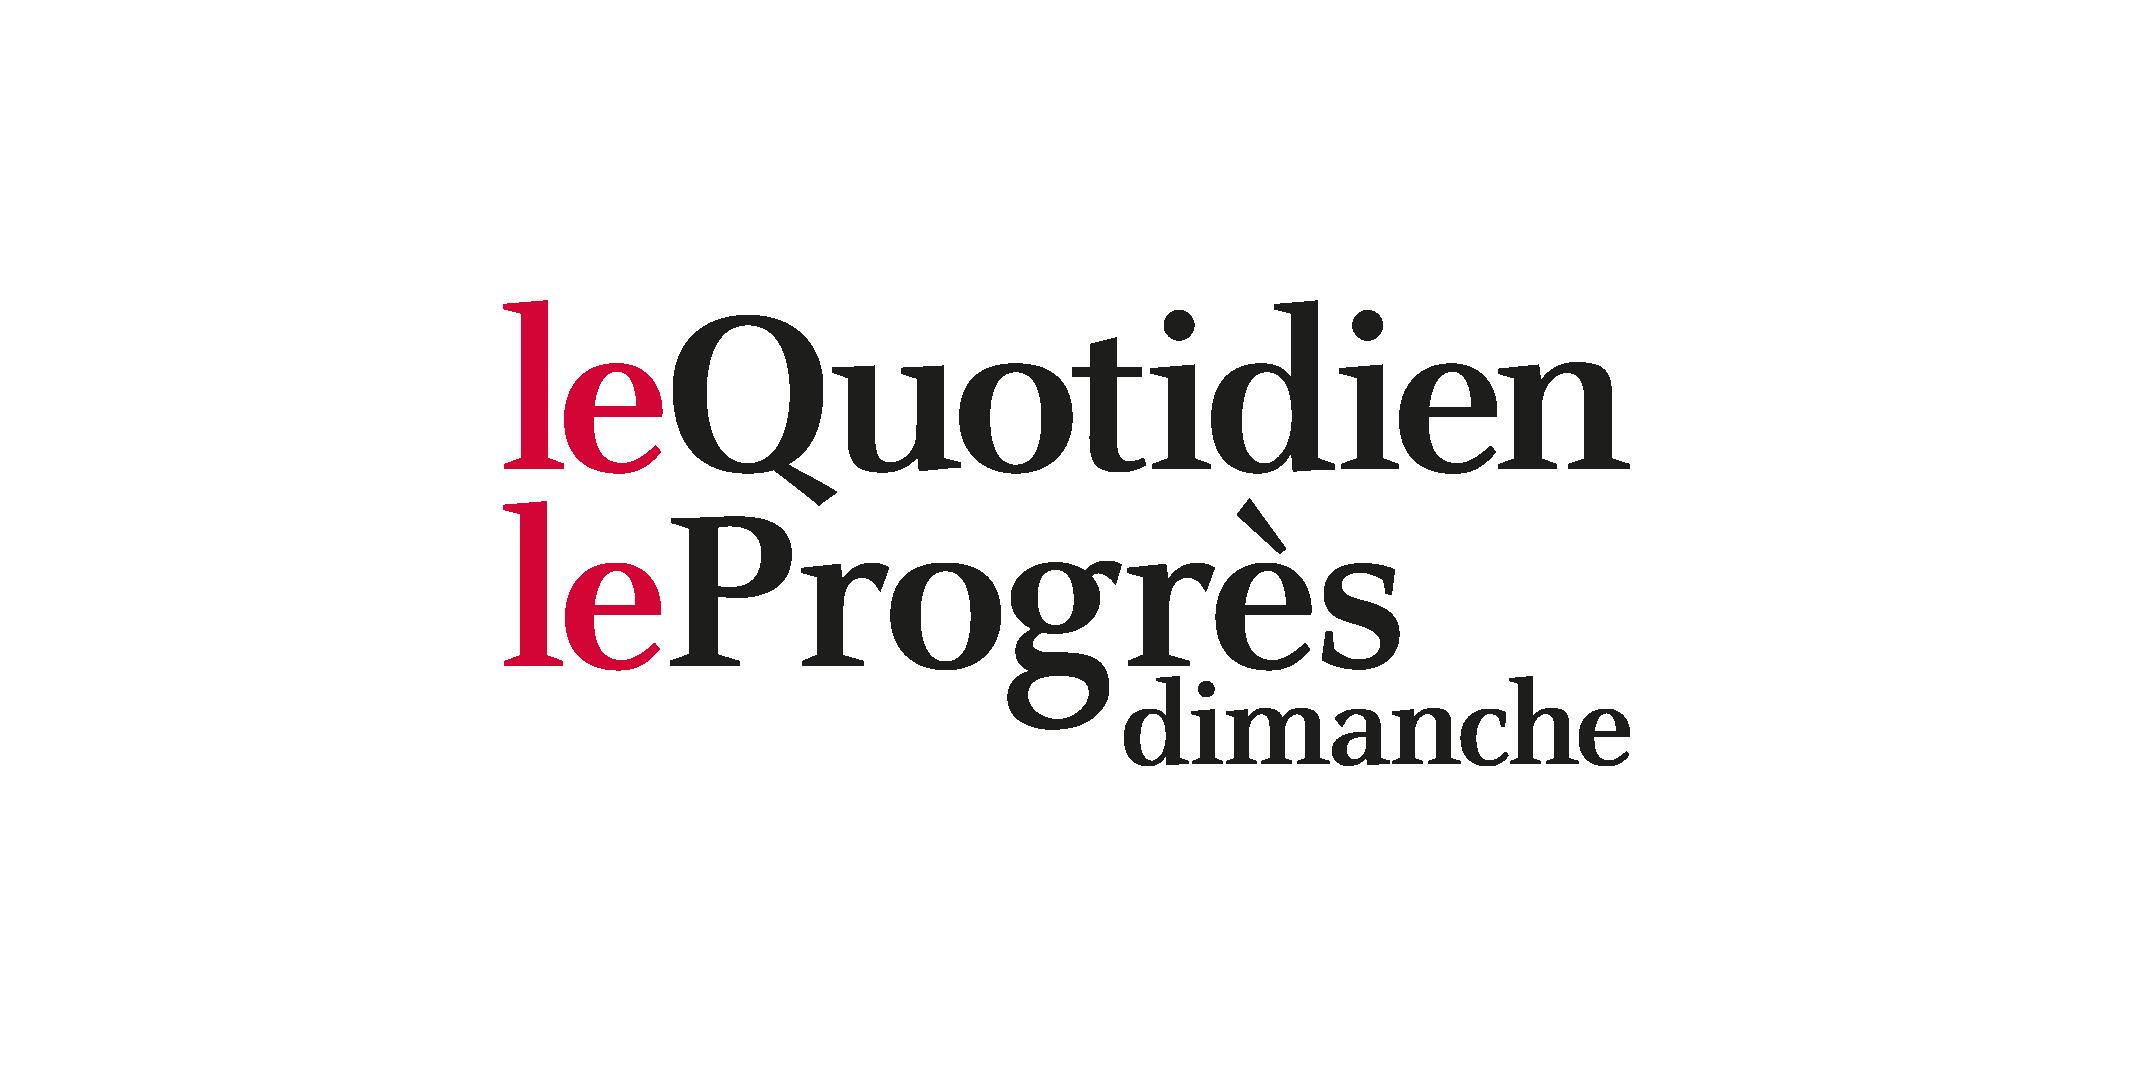 Le Quotidien/Le Progrès-Dimanche